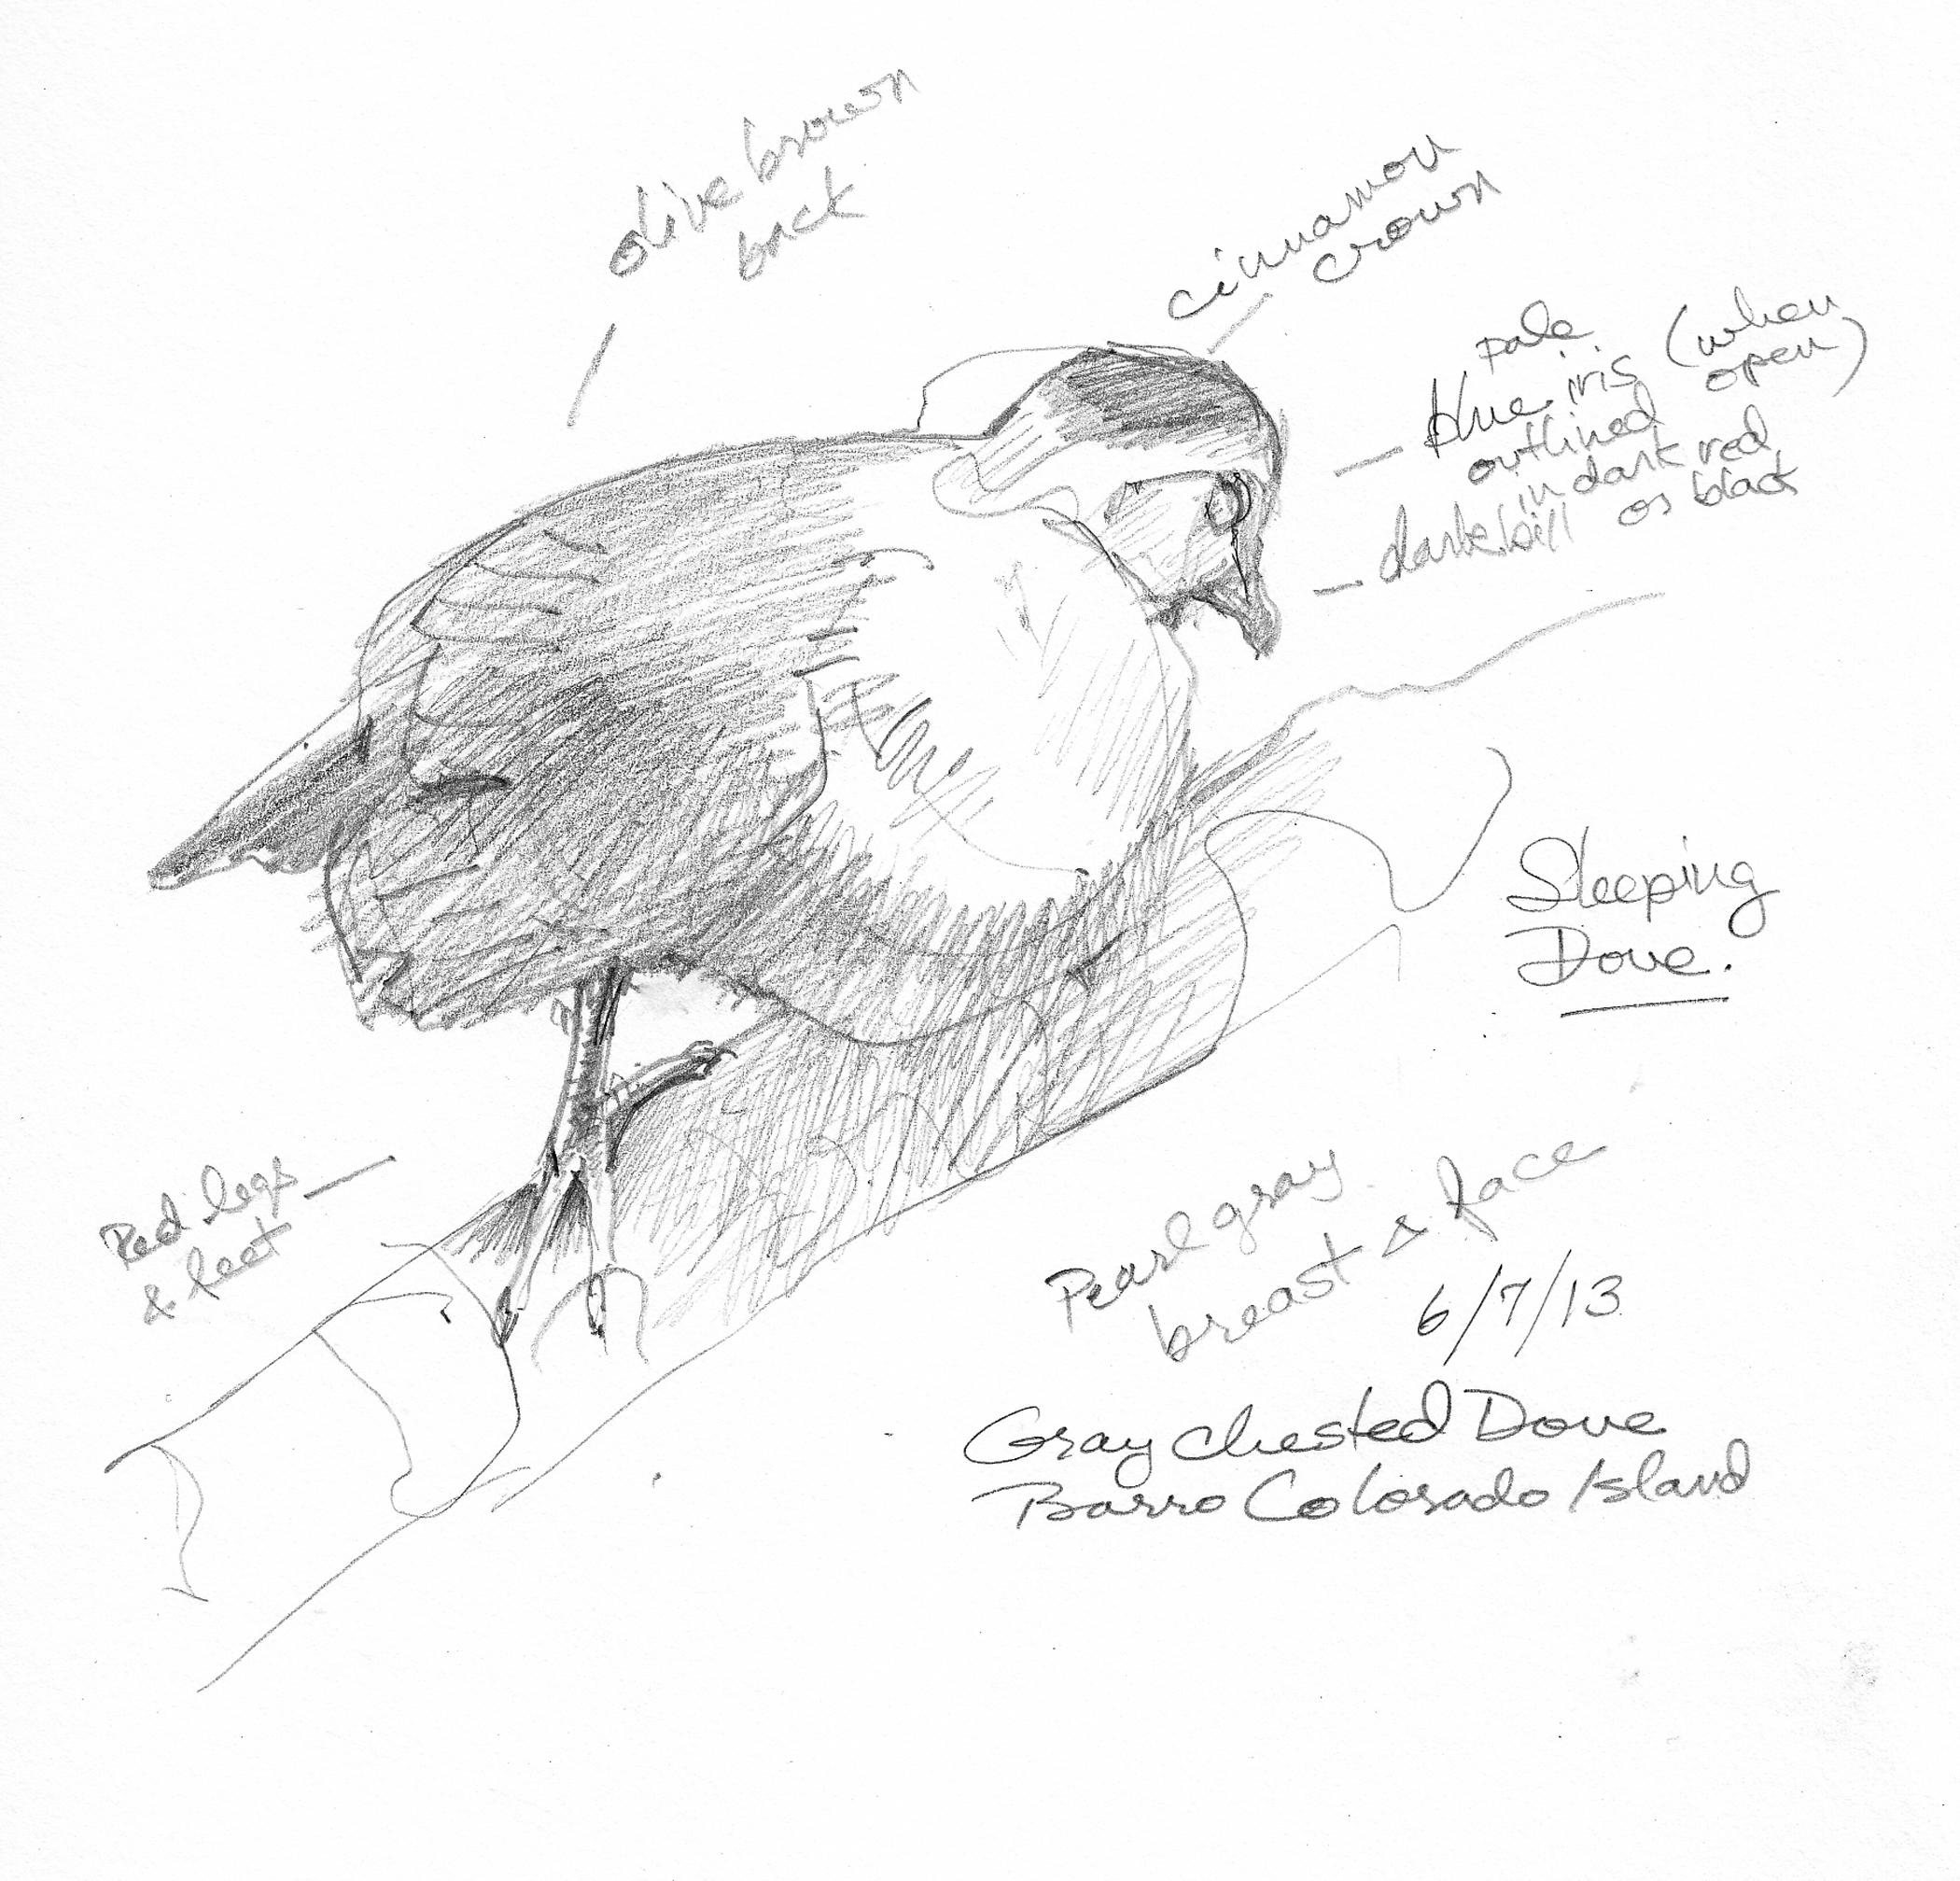 Panama/Barro Colorado Island Sketchbook 2013